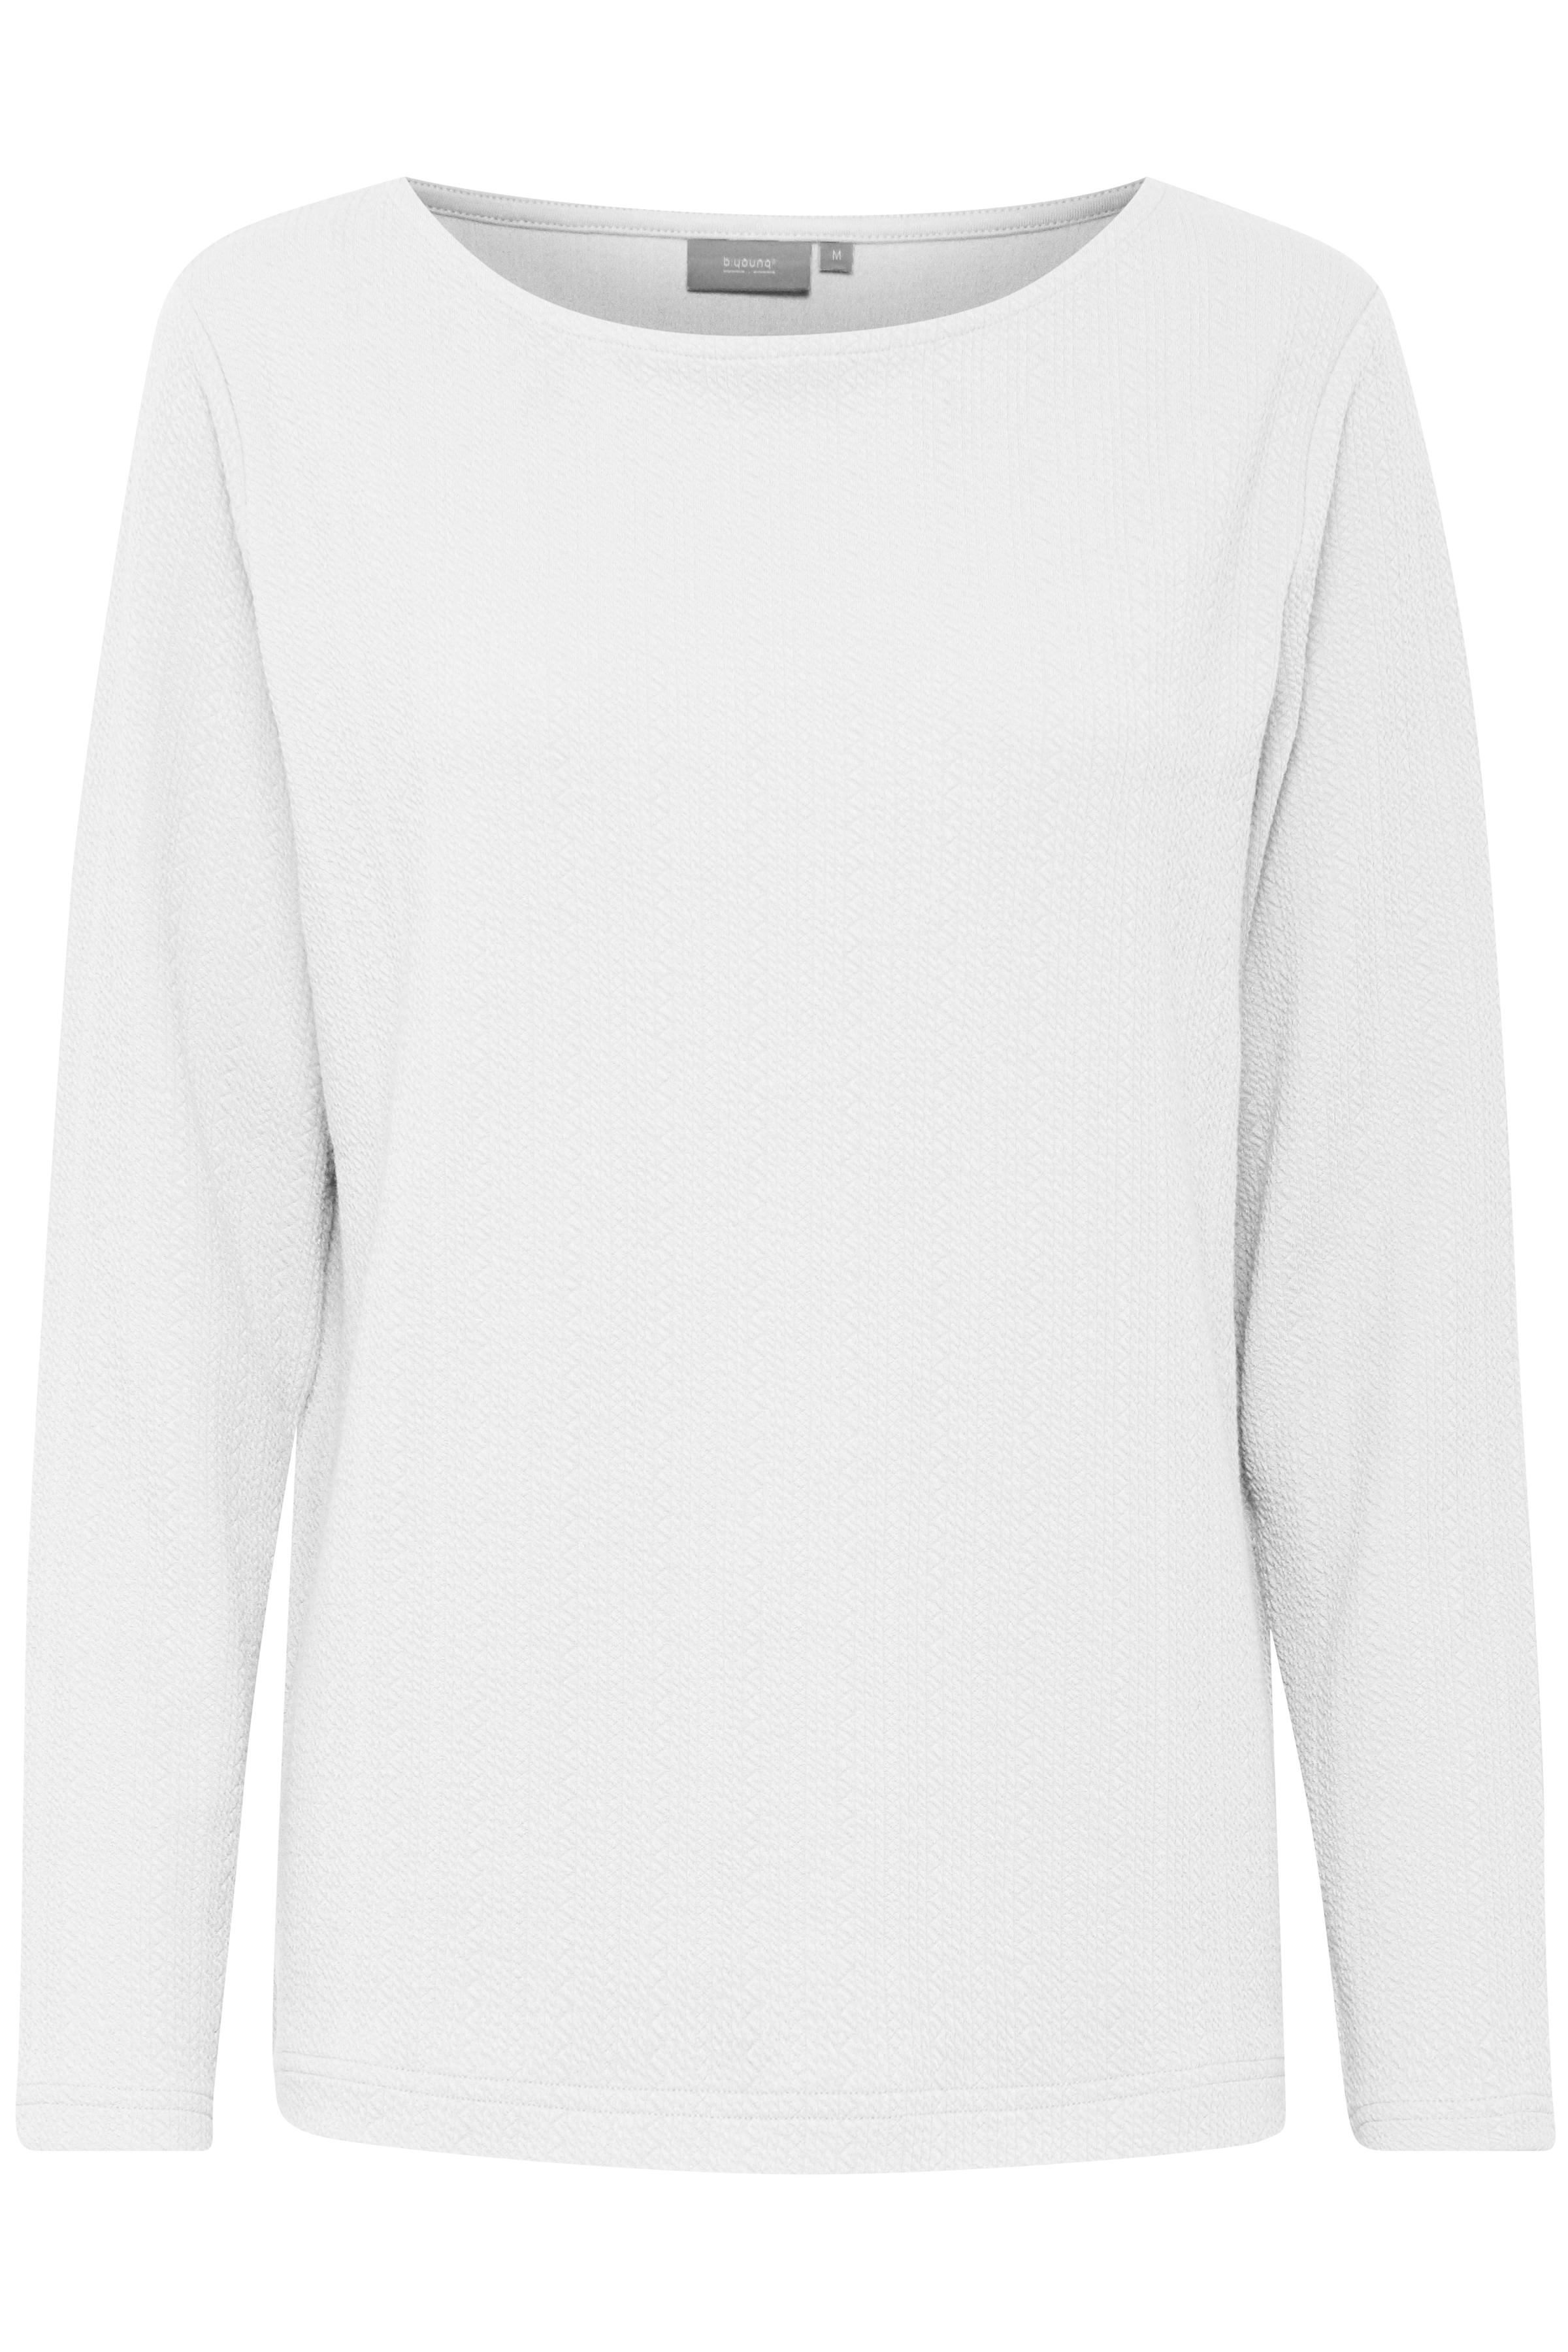 Off White Langærmet T-shirt fra b.young – Køb Off White Langærmet T-shirt fra str. S-XXL her